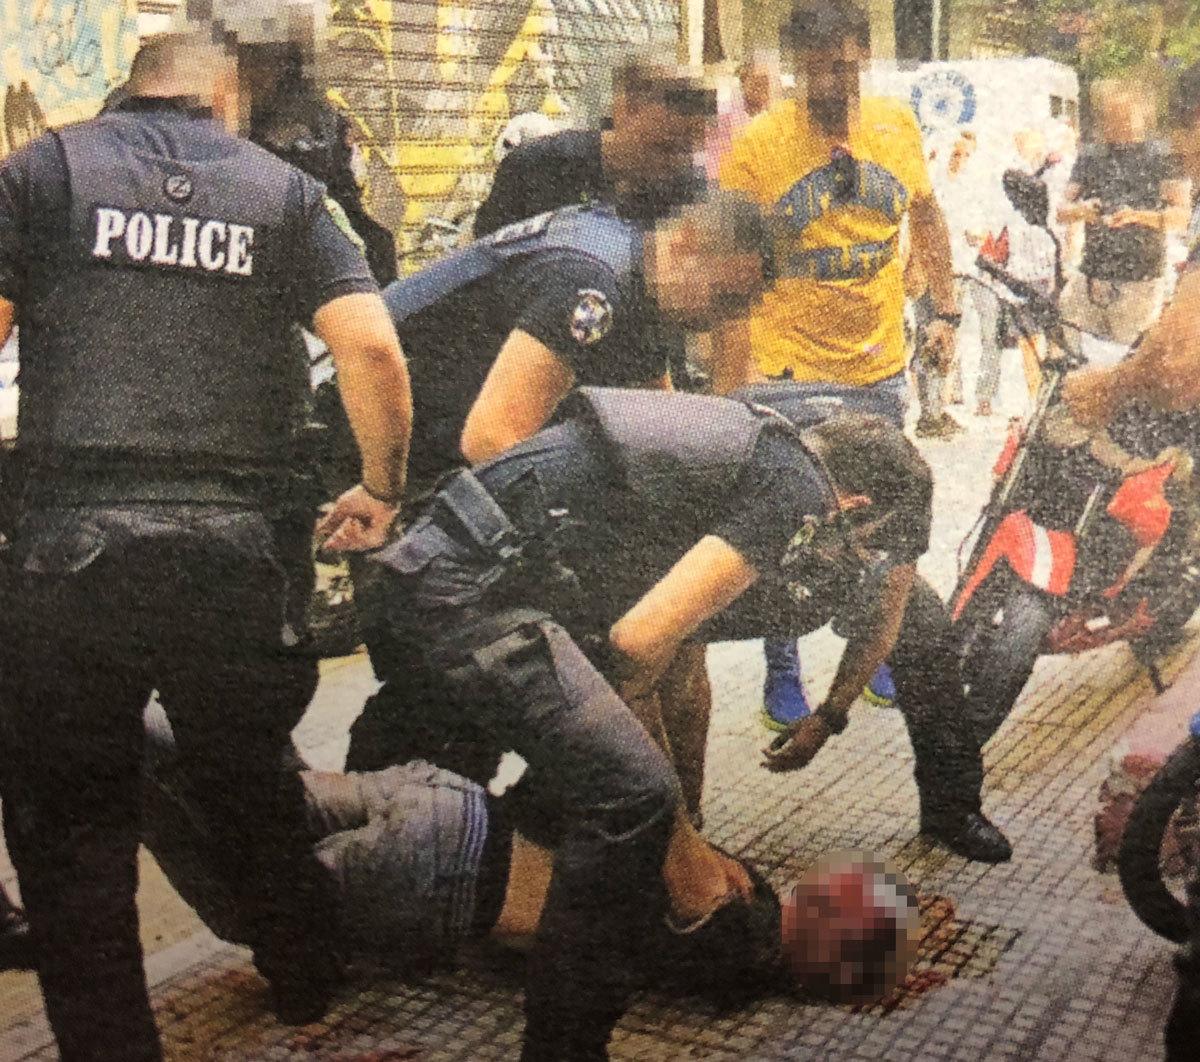 Απόταξη ή αργία για τους 8 αστυνομικούς που χτύπησαν τον Ζακ Κωστόπουλο